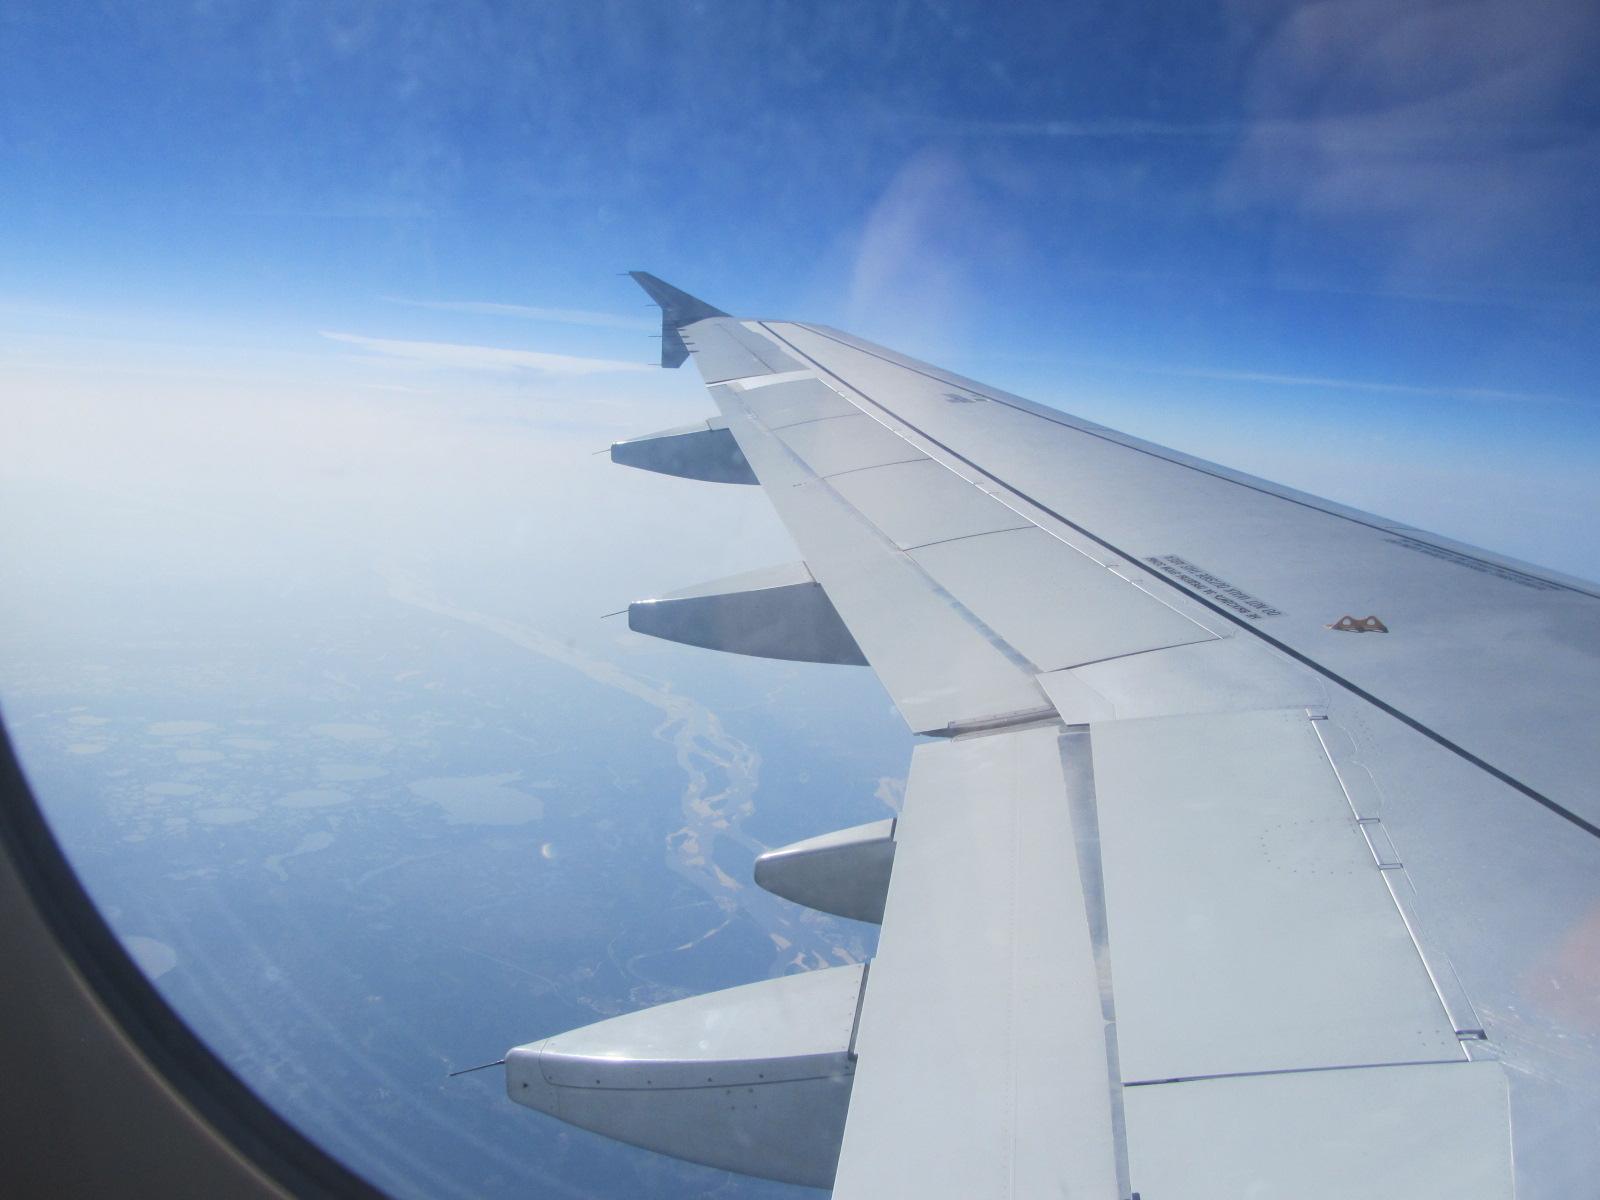 Рейс Новый Уренгой - Москва авиакомпании Ямал